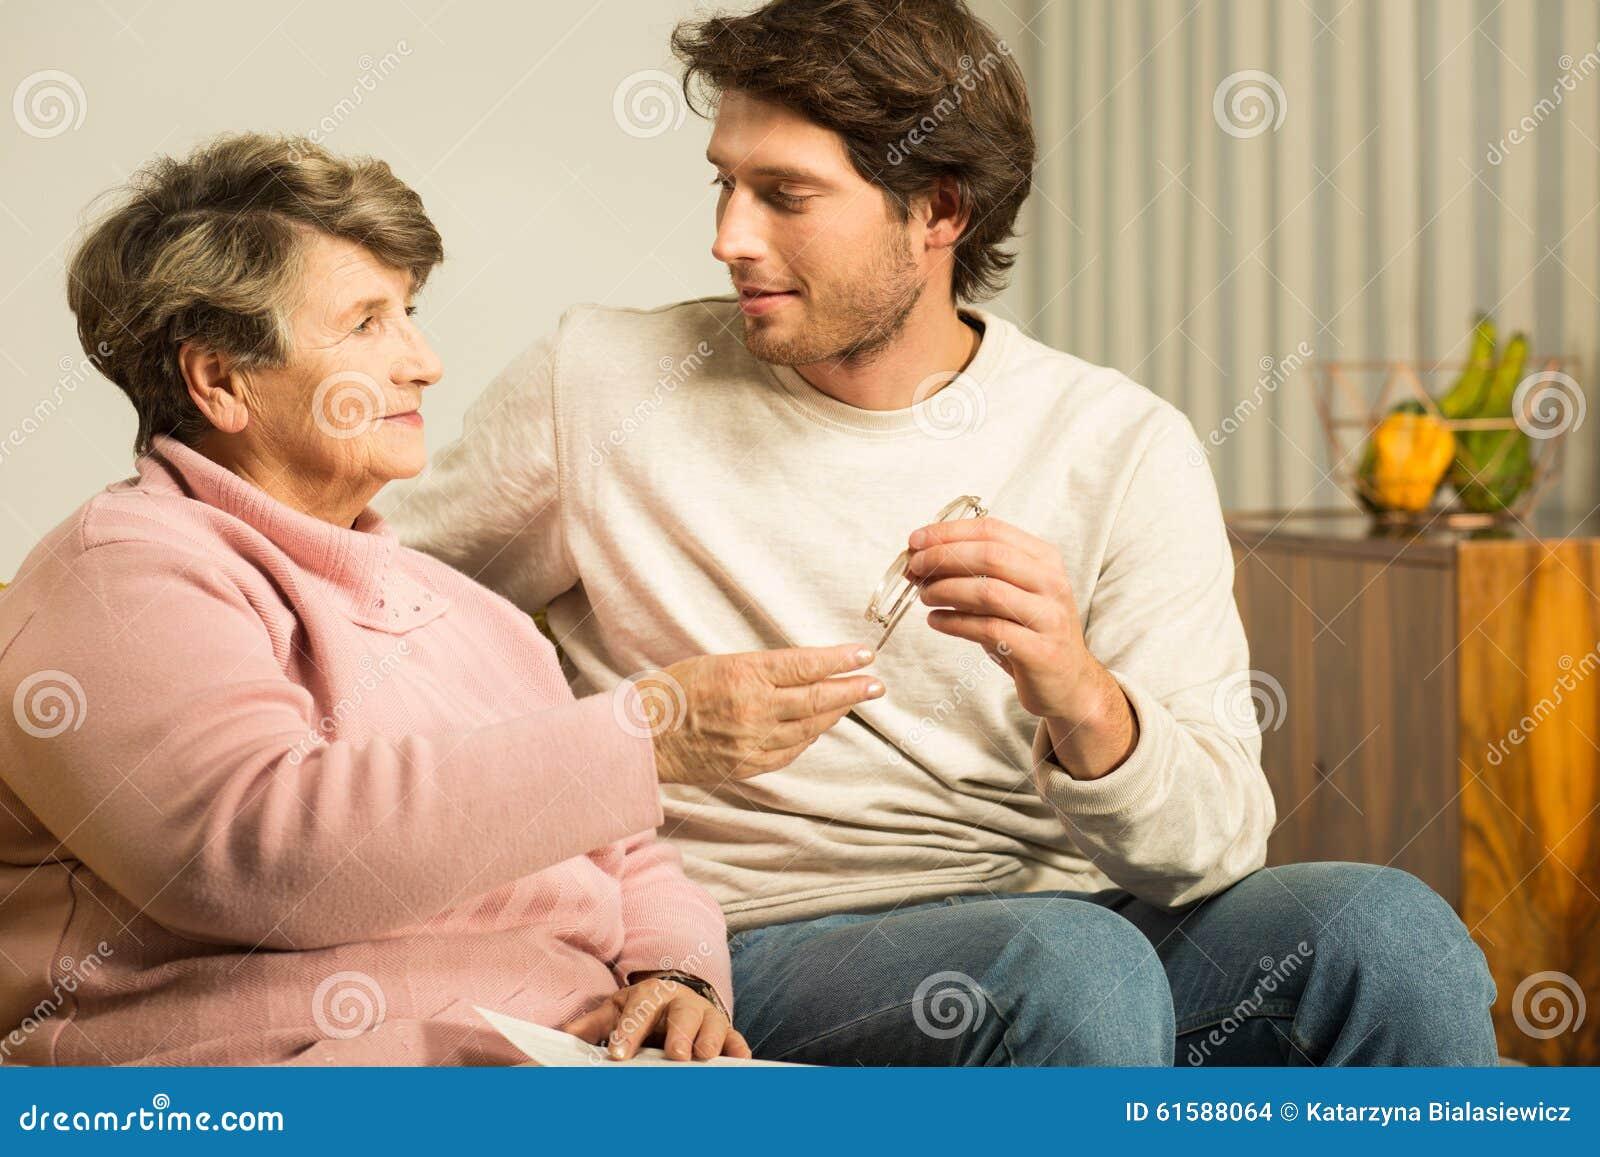 Сын и мать любовники в тайне от отца, Сын и мама в тайне о отца стали Любовниками 24 фотография